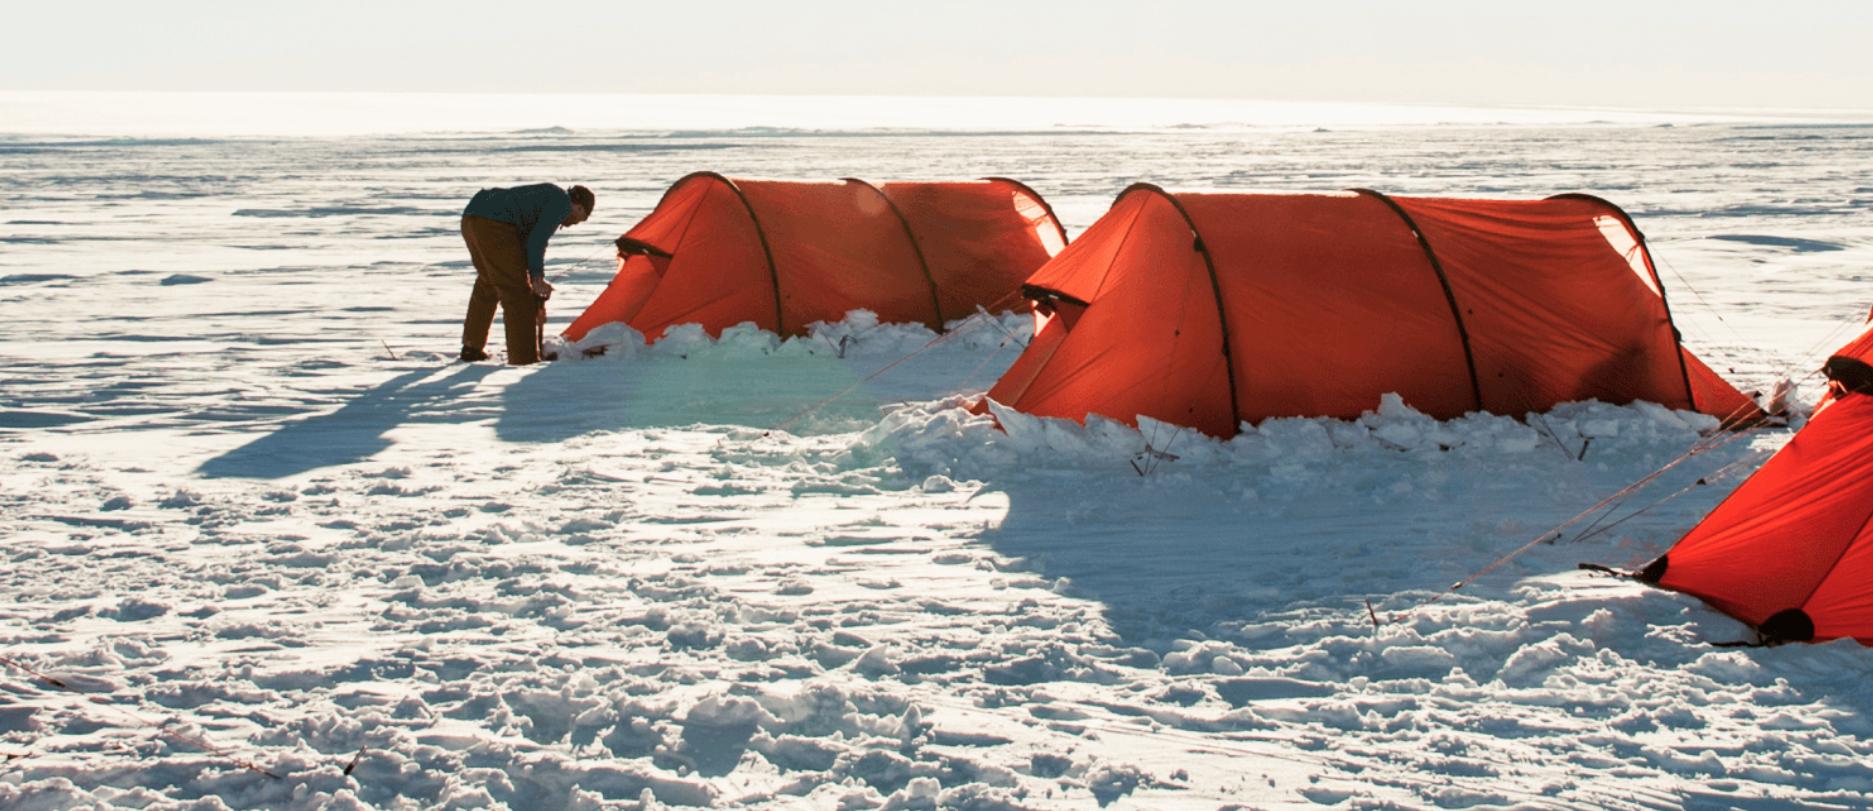 Antarctica Airbnb tents